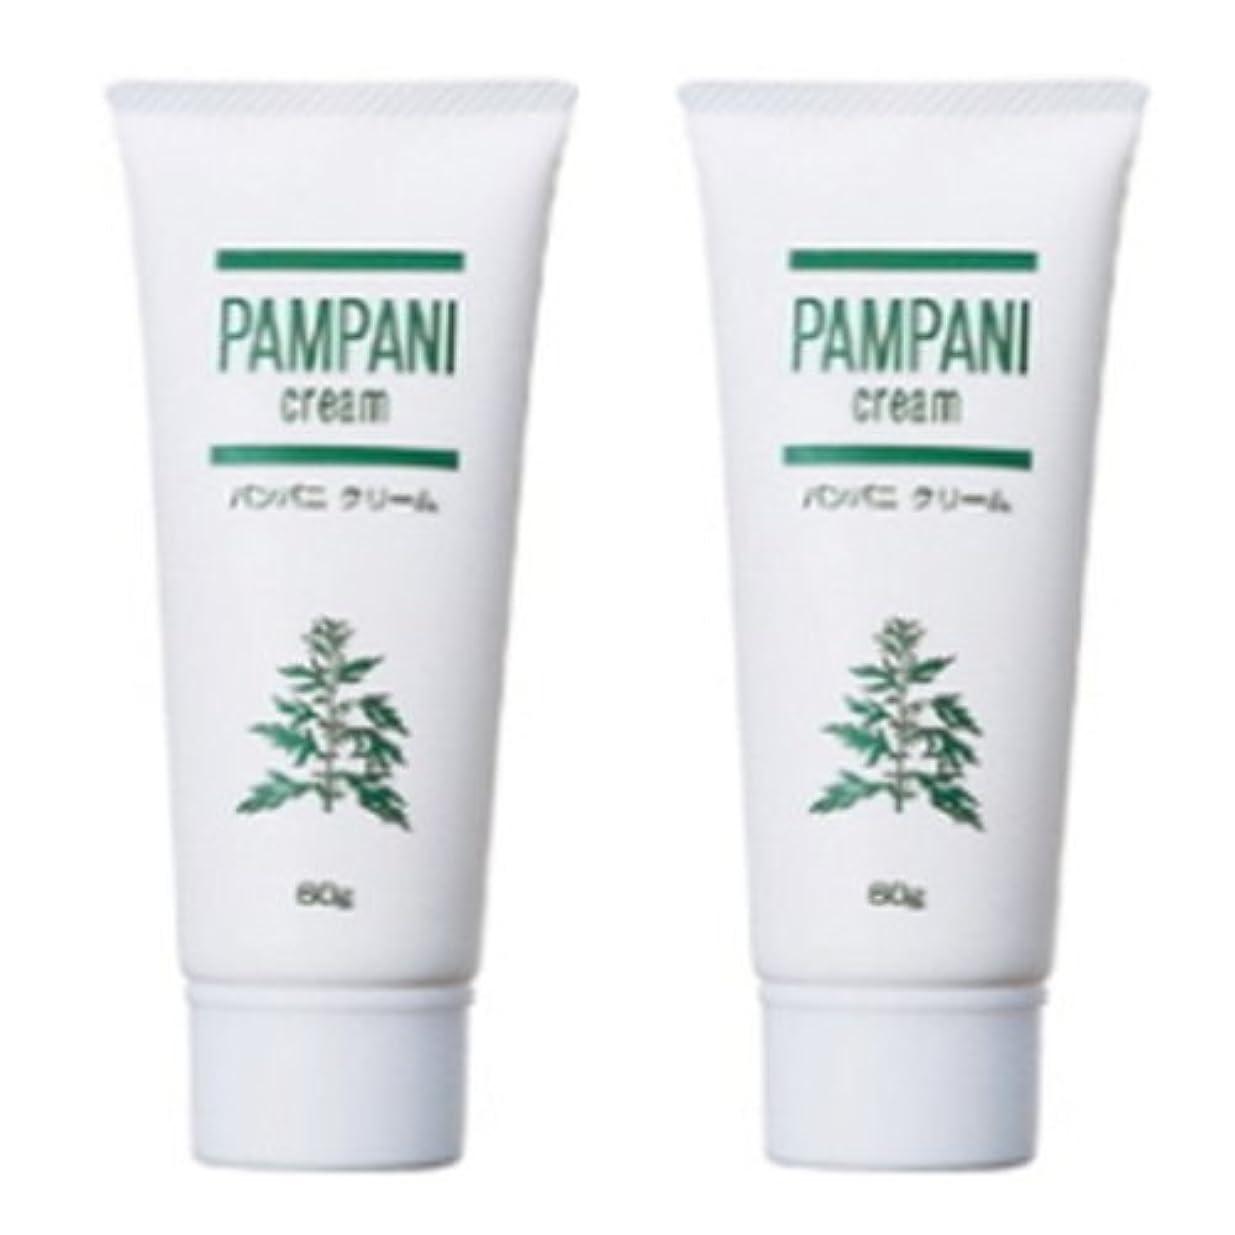 パンパニ(PAMPANI) クリーム 60g×2本組